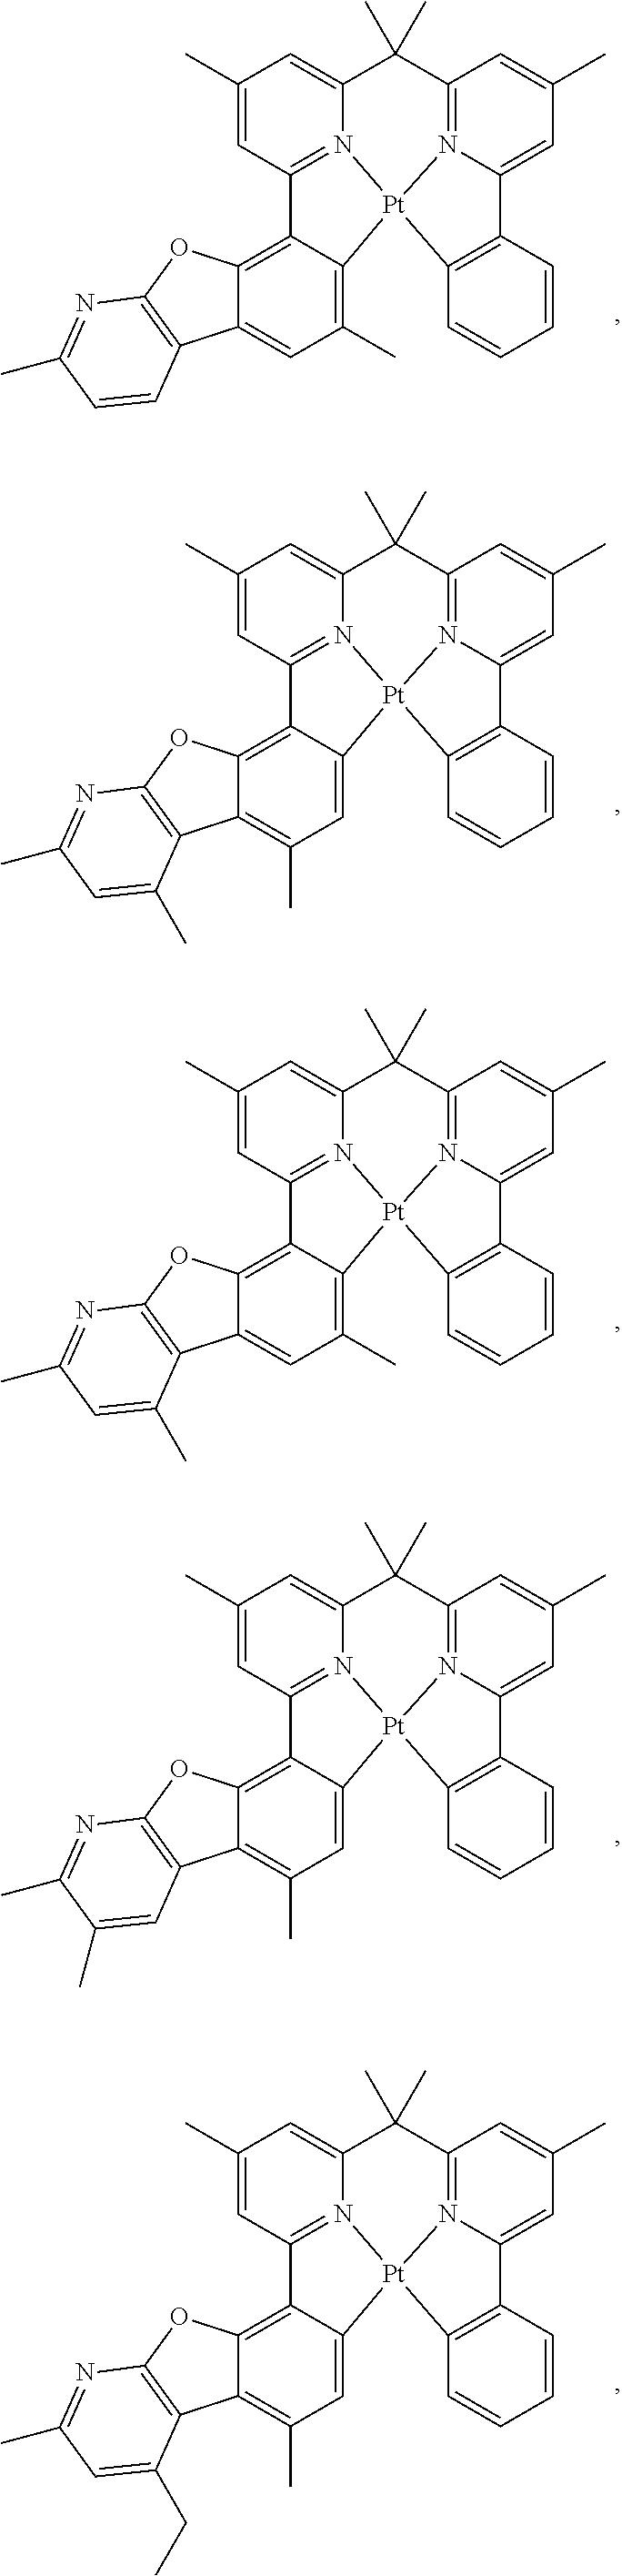 Figure US09871214-20180116-C00267